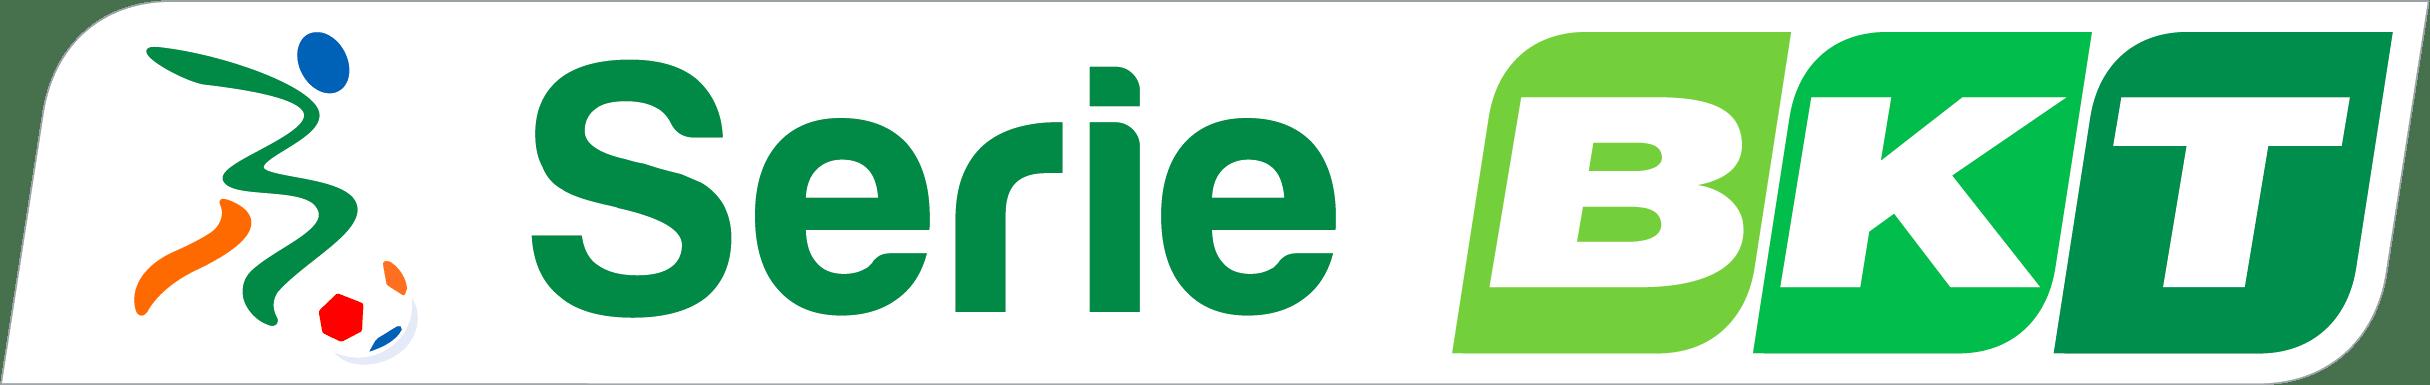 serie-bkt-logo